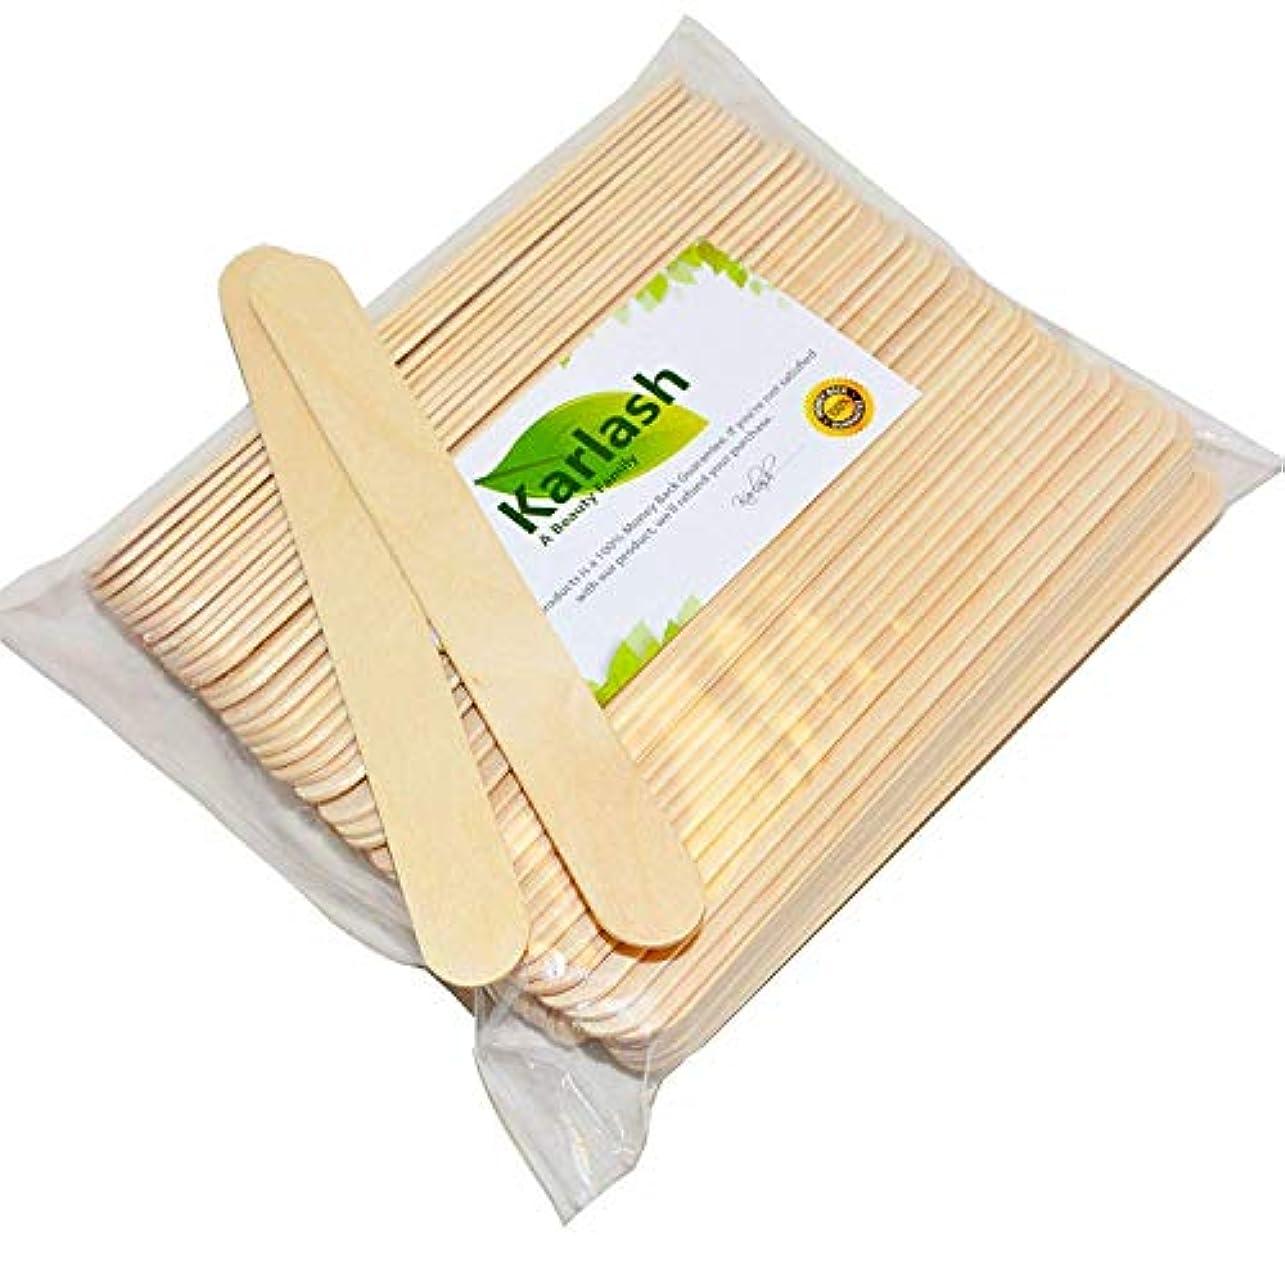 ブロック罪人強調する100 Large Wax Waxing Wood Body Hair Removal Craft Sticks Applicator Spatula 141[並行輸入]